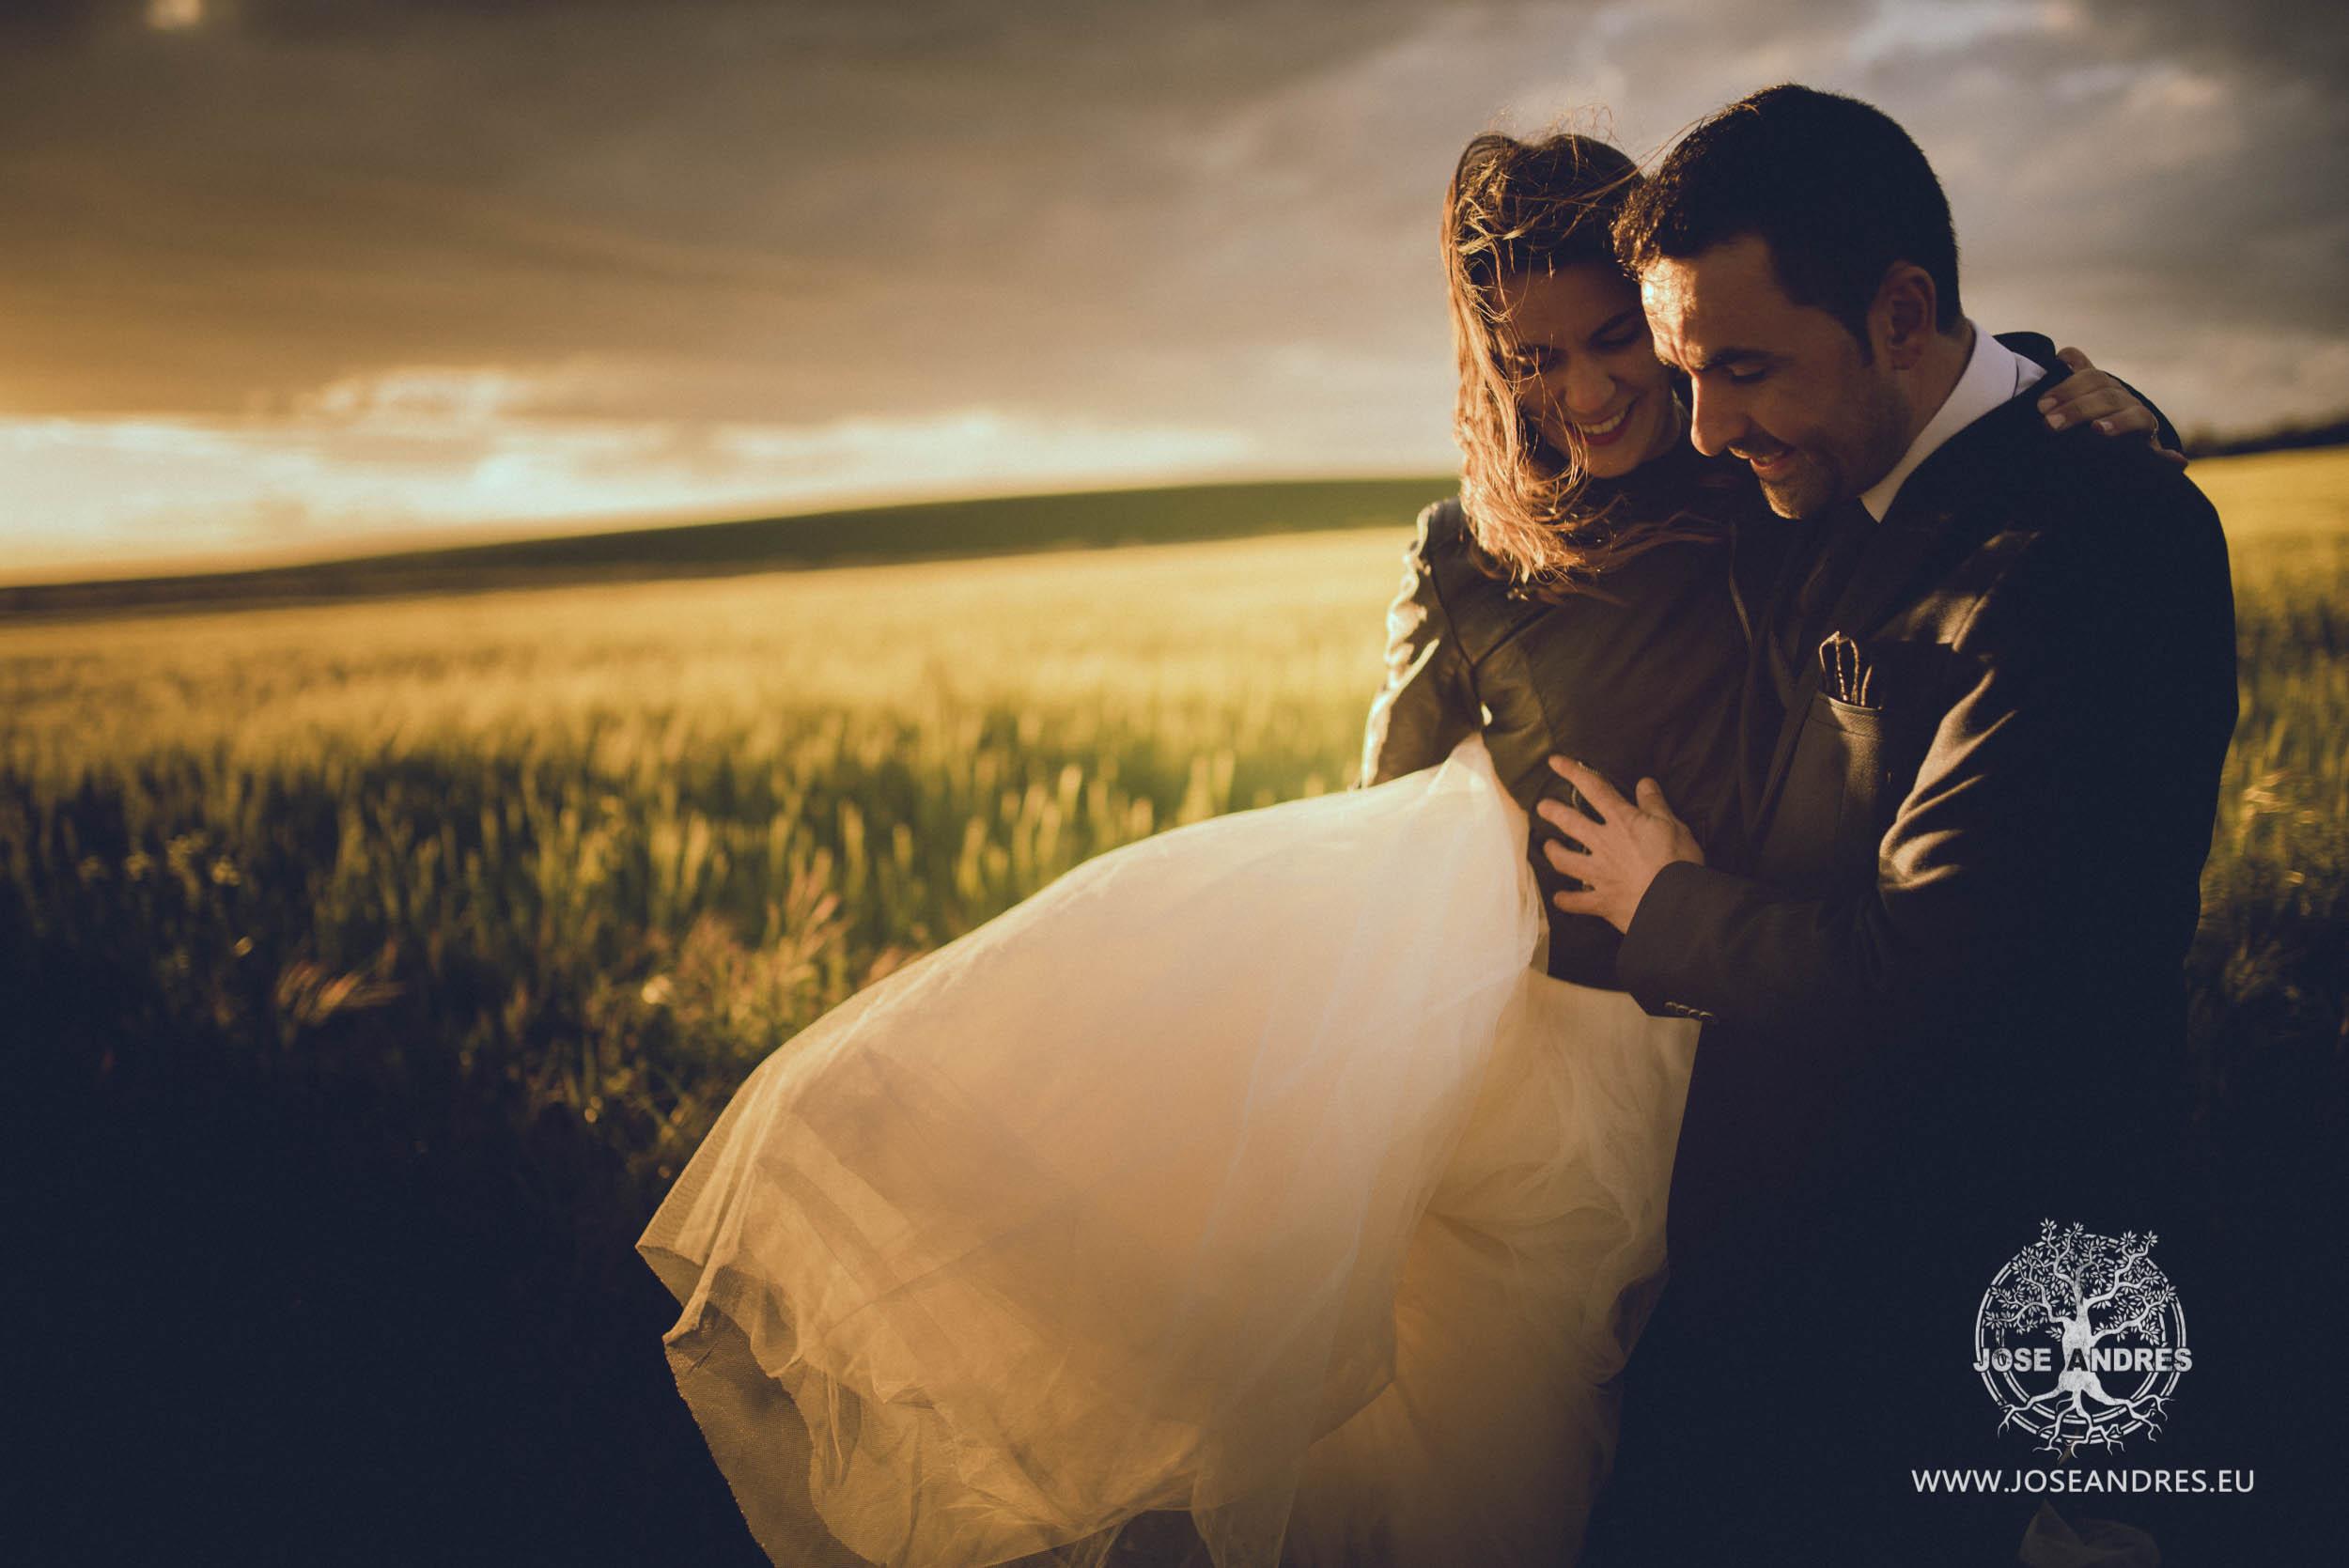 Postboda en Villar de Cañas Postboda en Cuenca, fotografía de boda Cuenca, campos de Cuenca, fotógrafo de boda en Cuenca, vídeo de boda en Cuenca